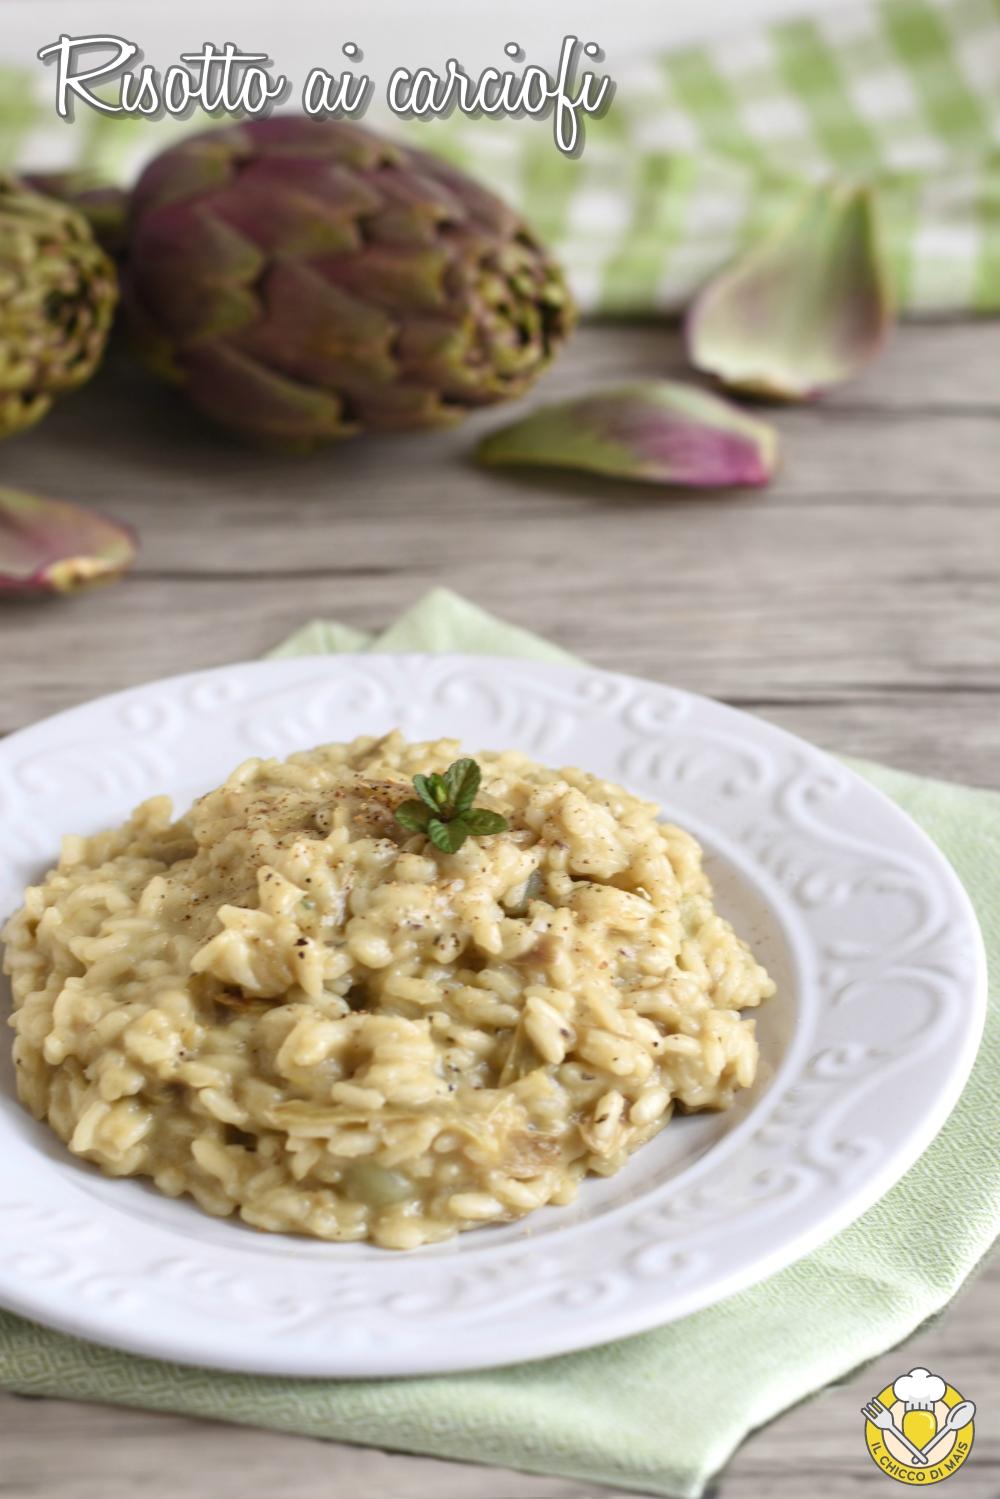 v_ risotto ai carciofi ricetta classica vegetariana il chicco di mais